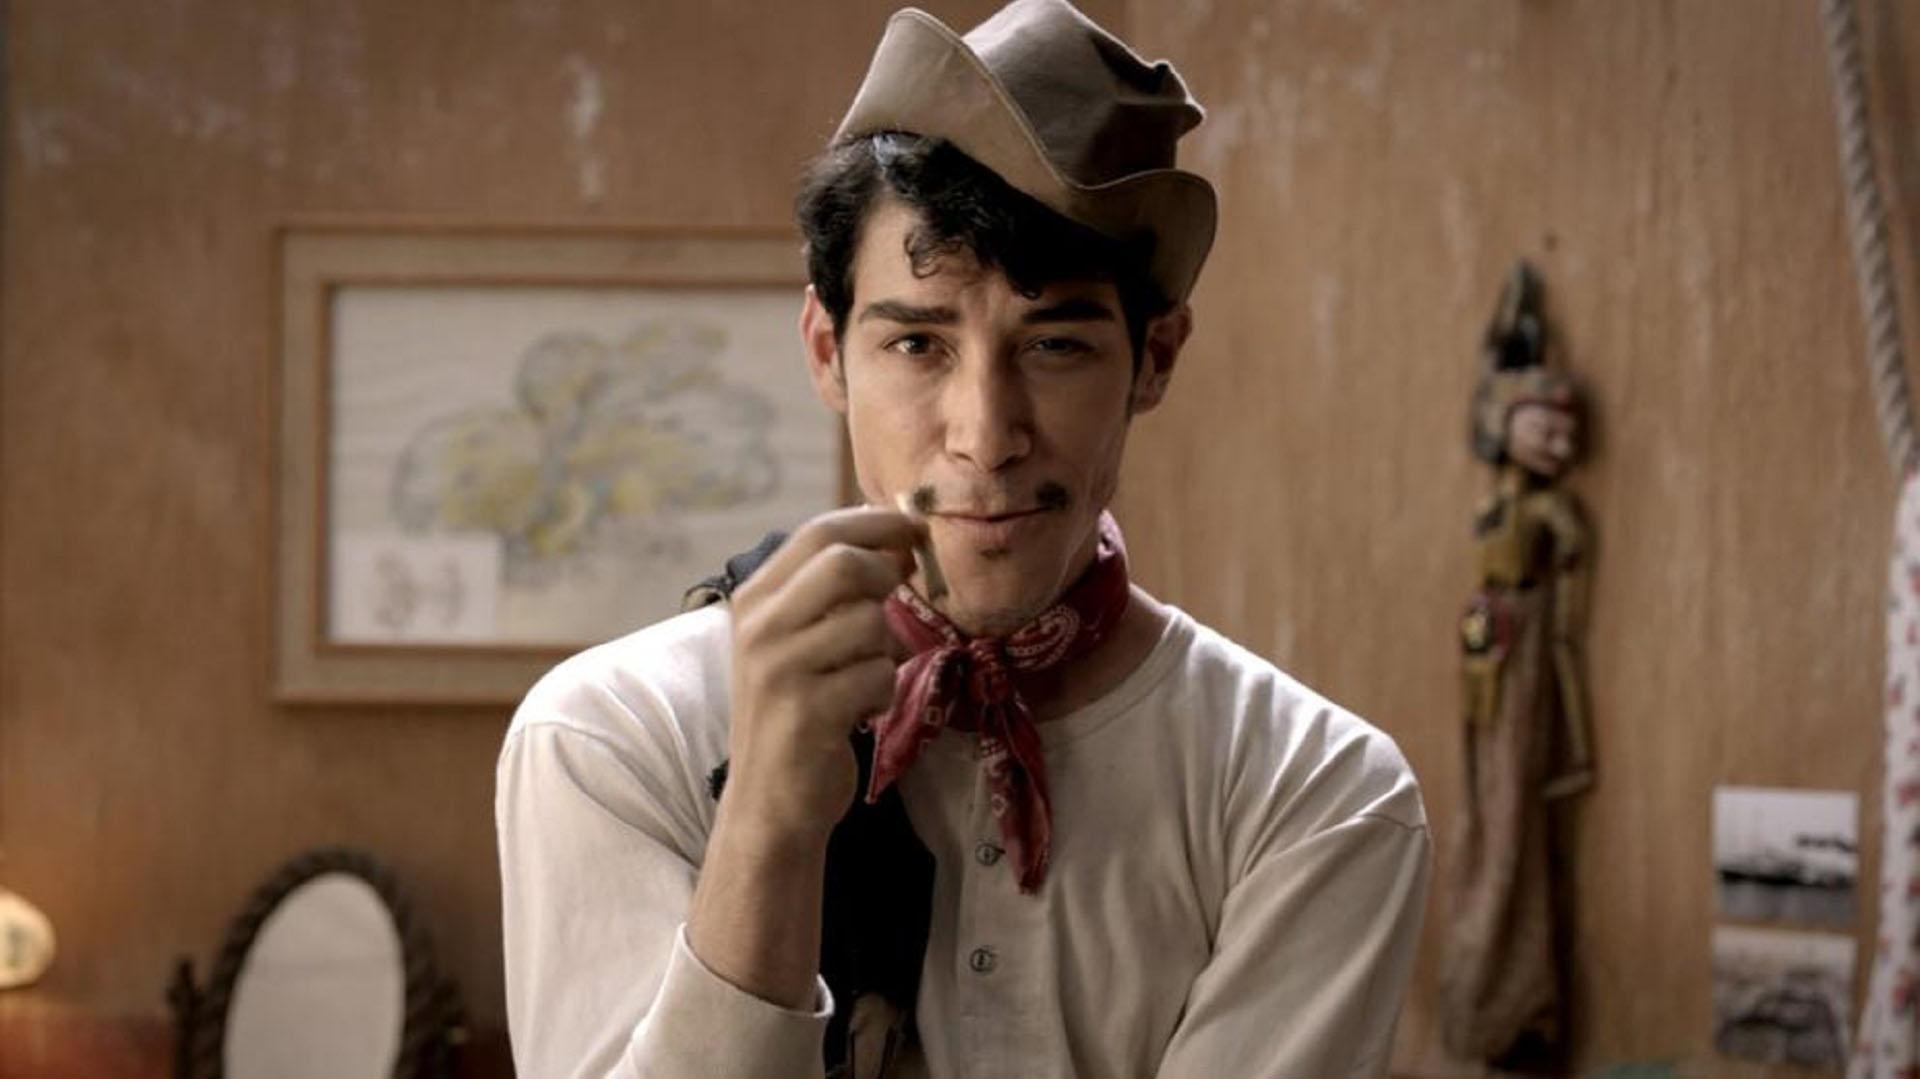 El actor español interpretando al reconocido comediante mexicano Cantinflas